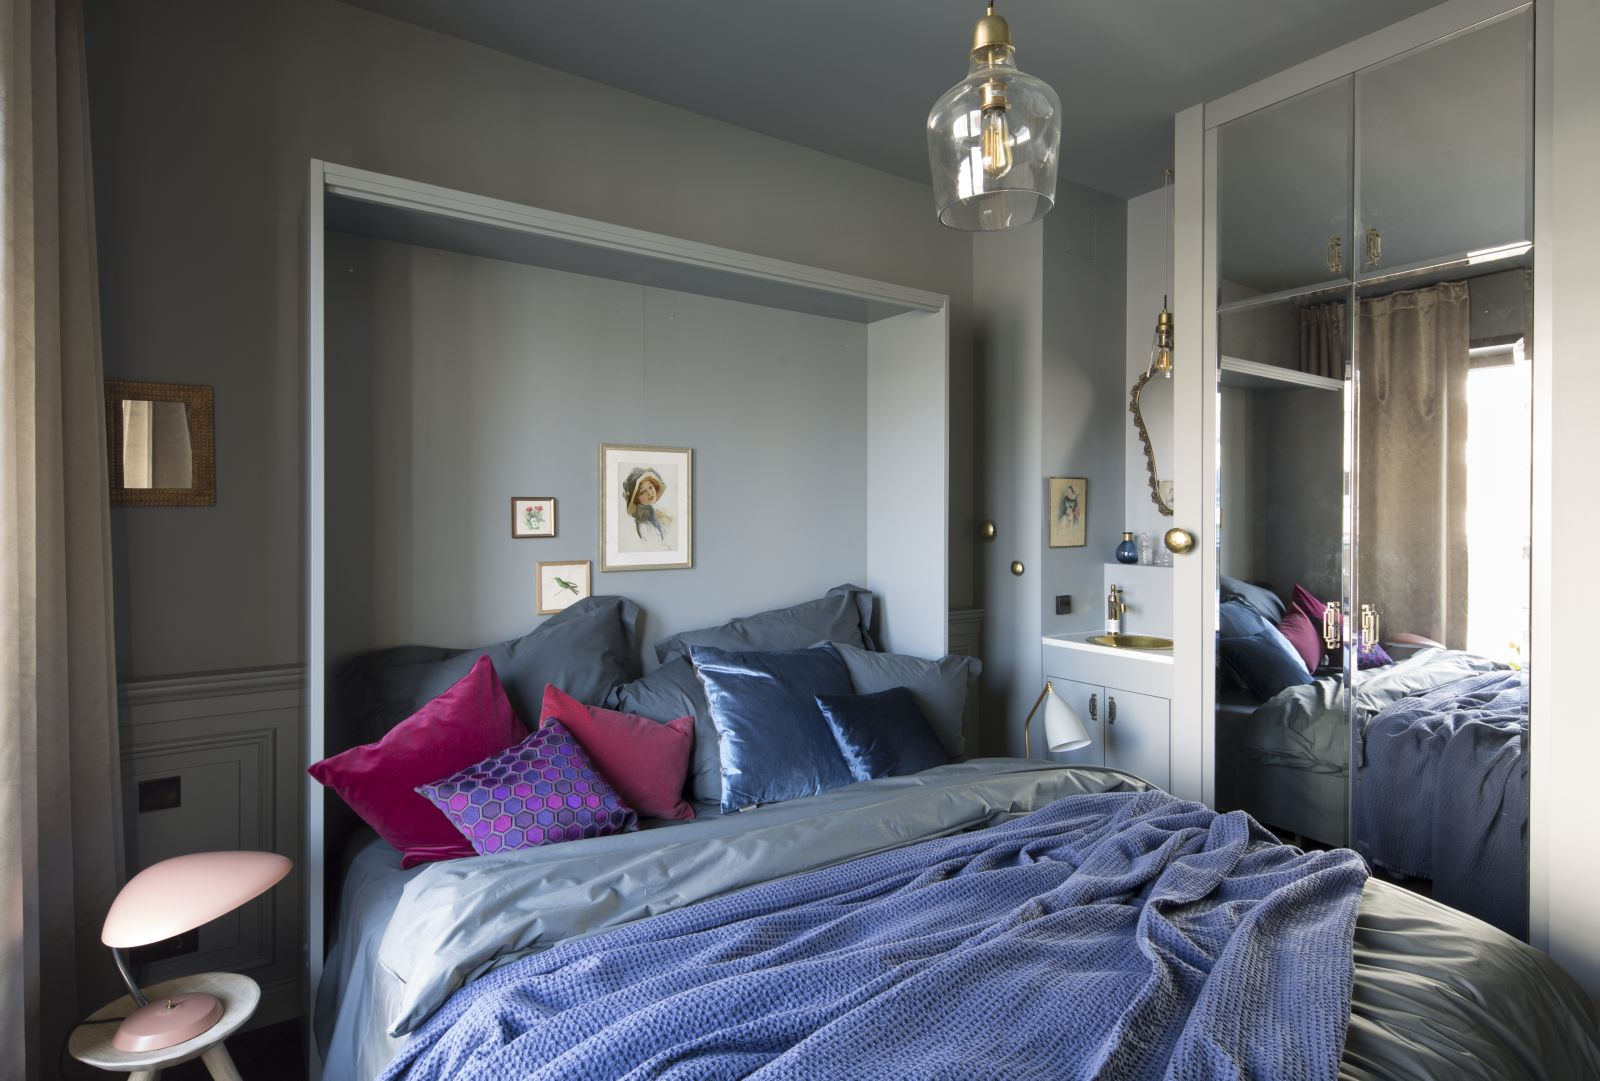 Mała Sypialnia W Wielkim Stylu Najpiękniejsze Projekty